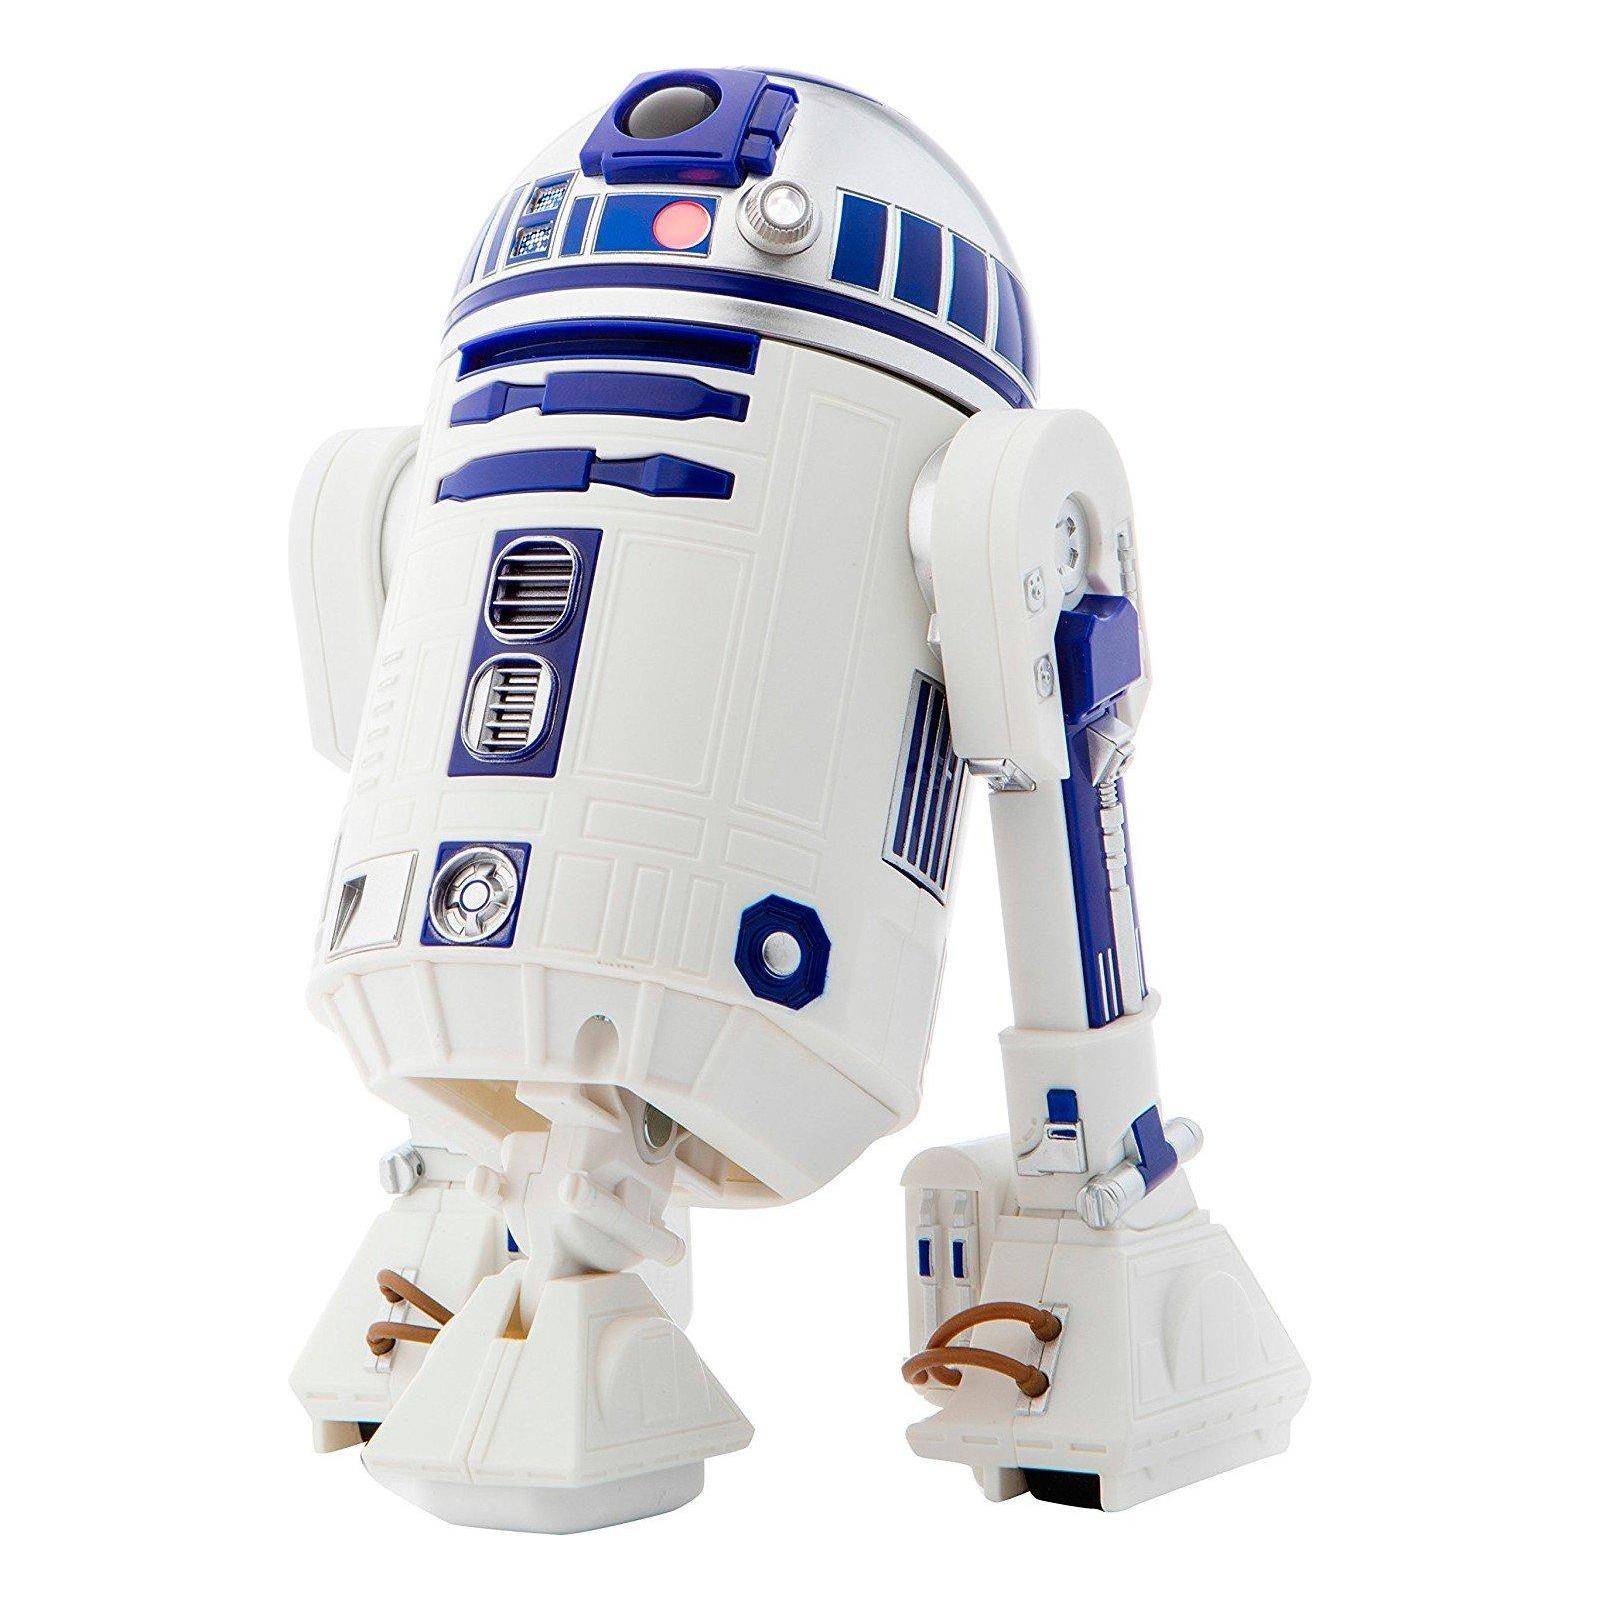 Робот Sphero R2-D2 (322658) изображение 2